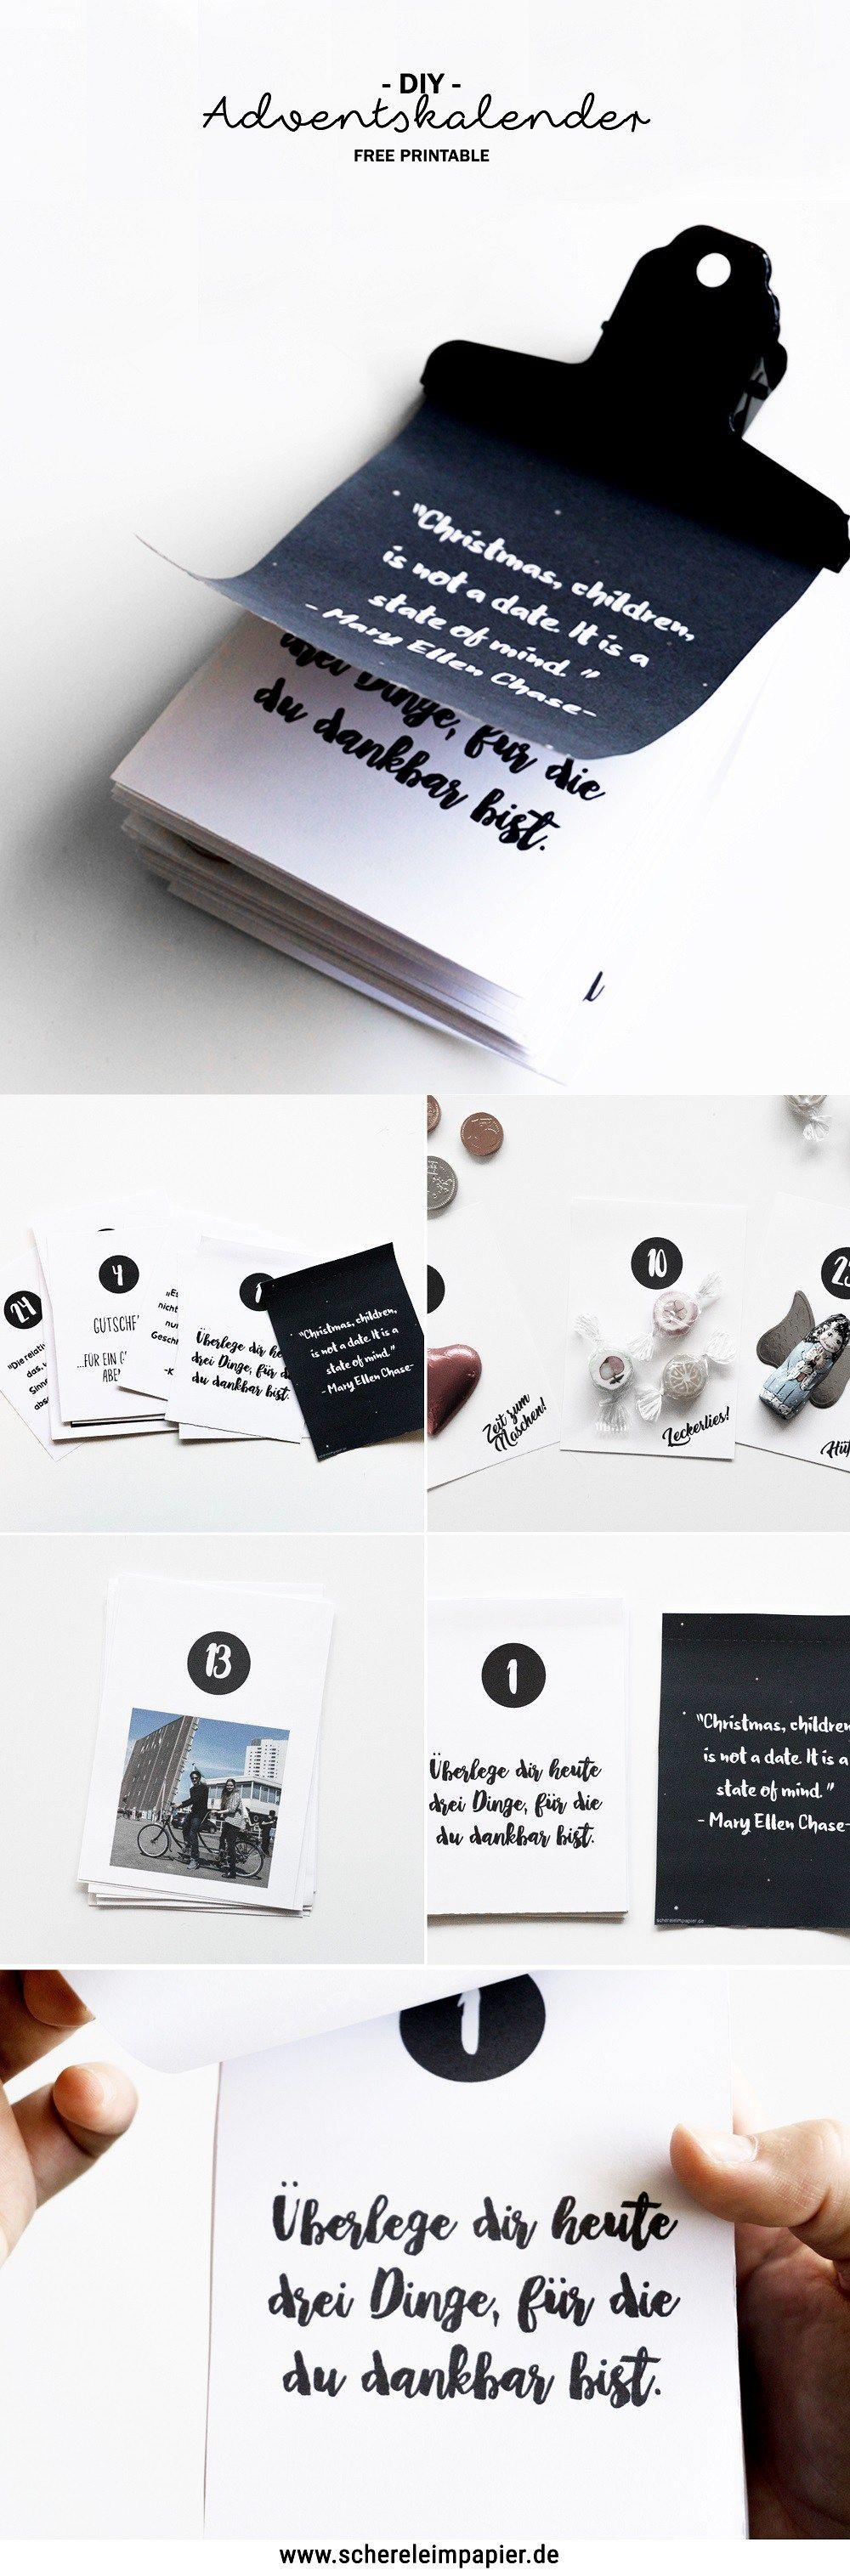 Adventskalender basteln Freebie zum Ausdrucken schereleimpapier DIY und Upcycling Blog aus Berlin kreative